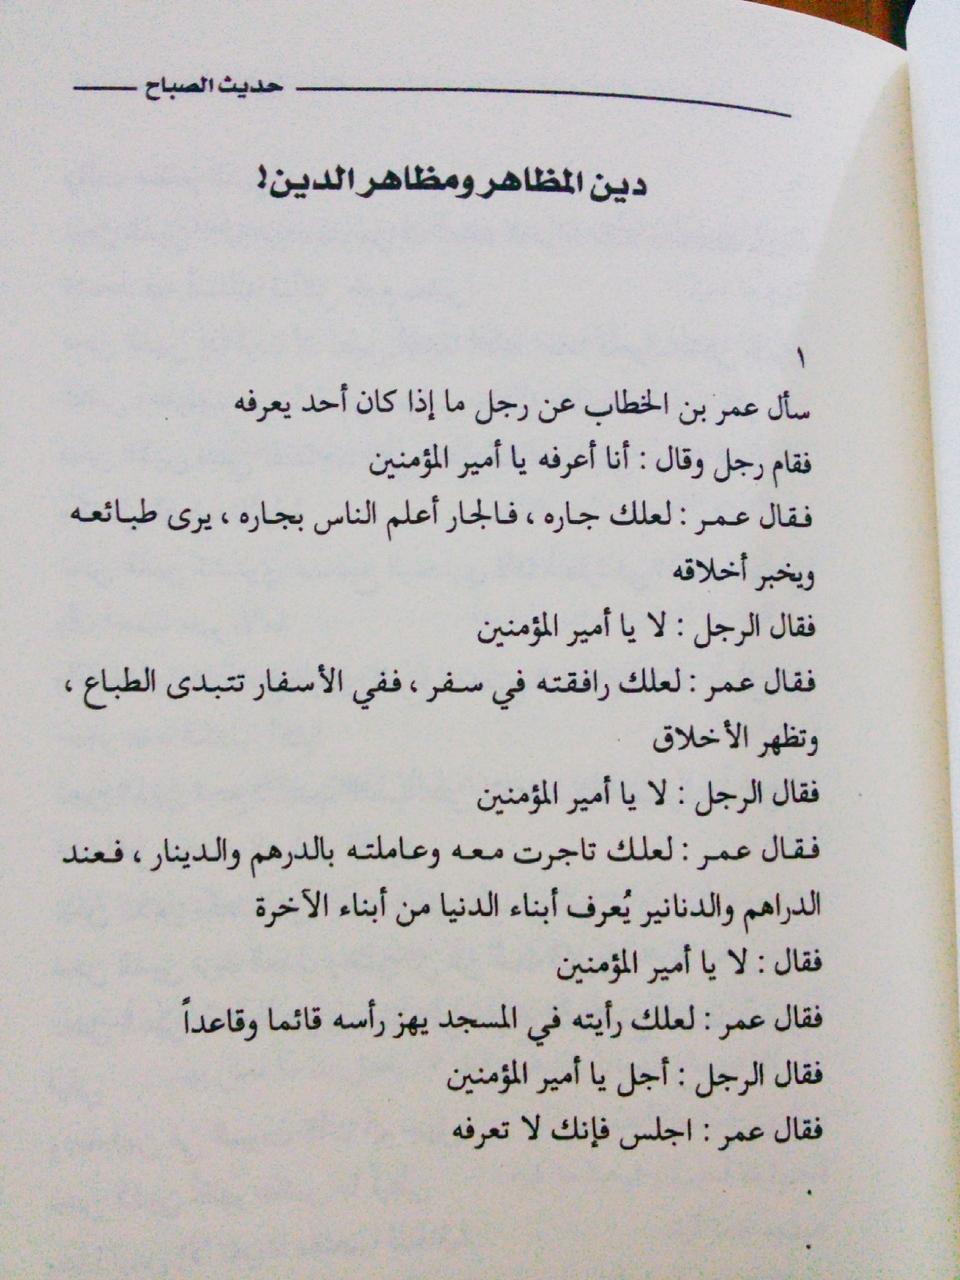 كتاب حديث الصباح